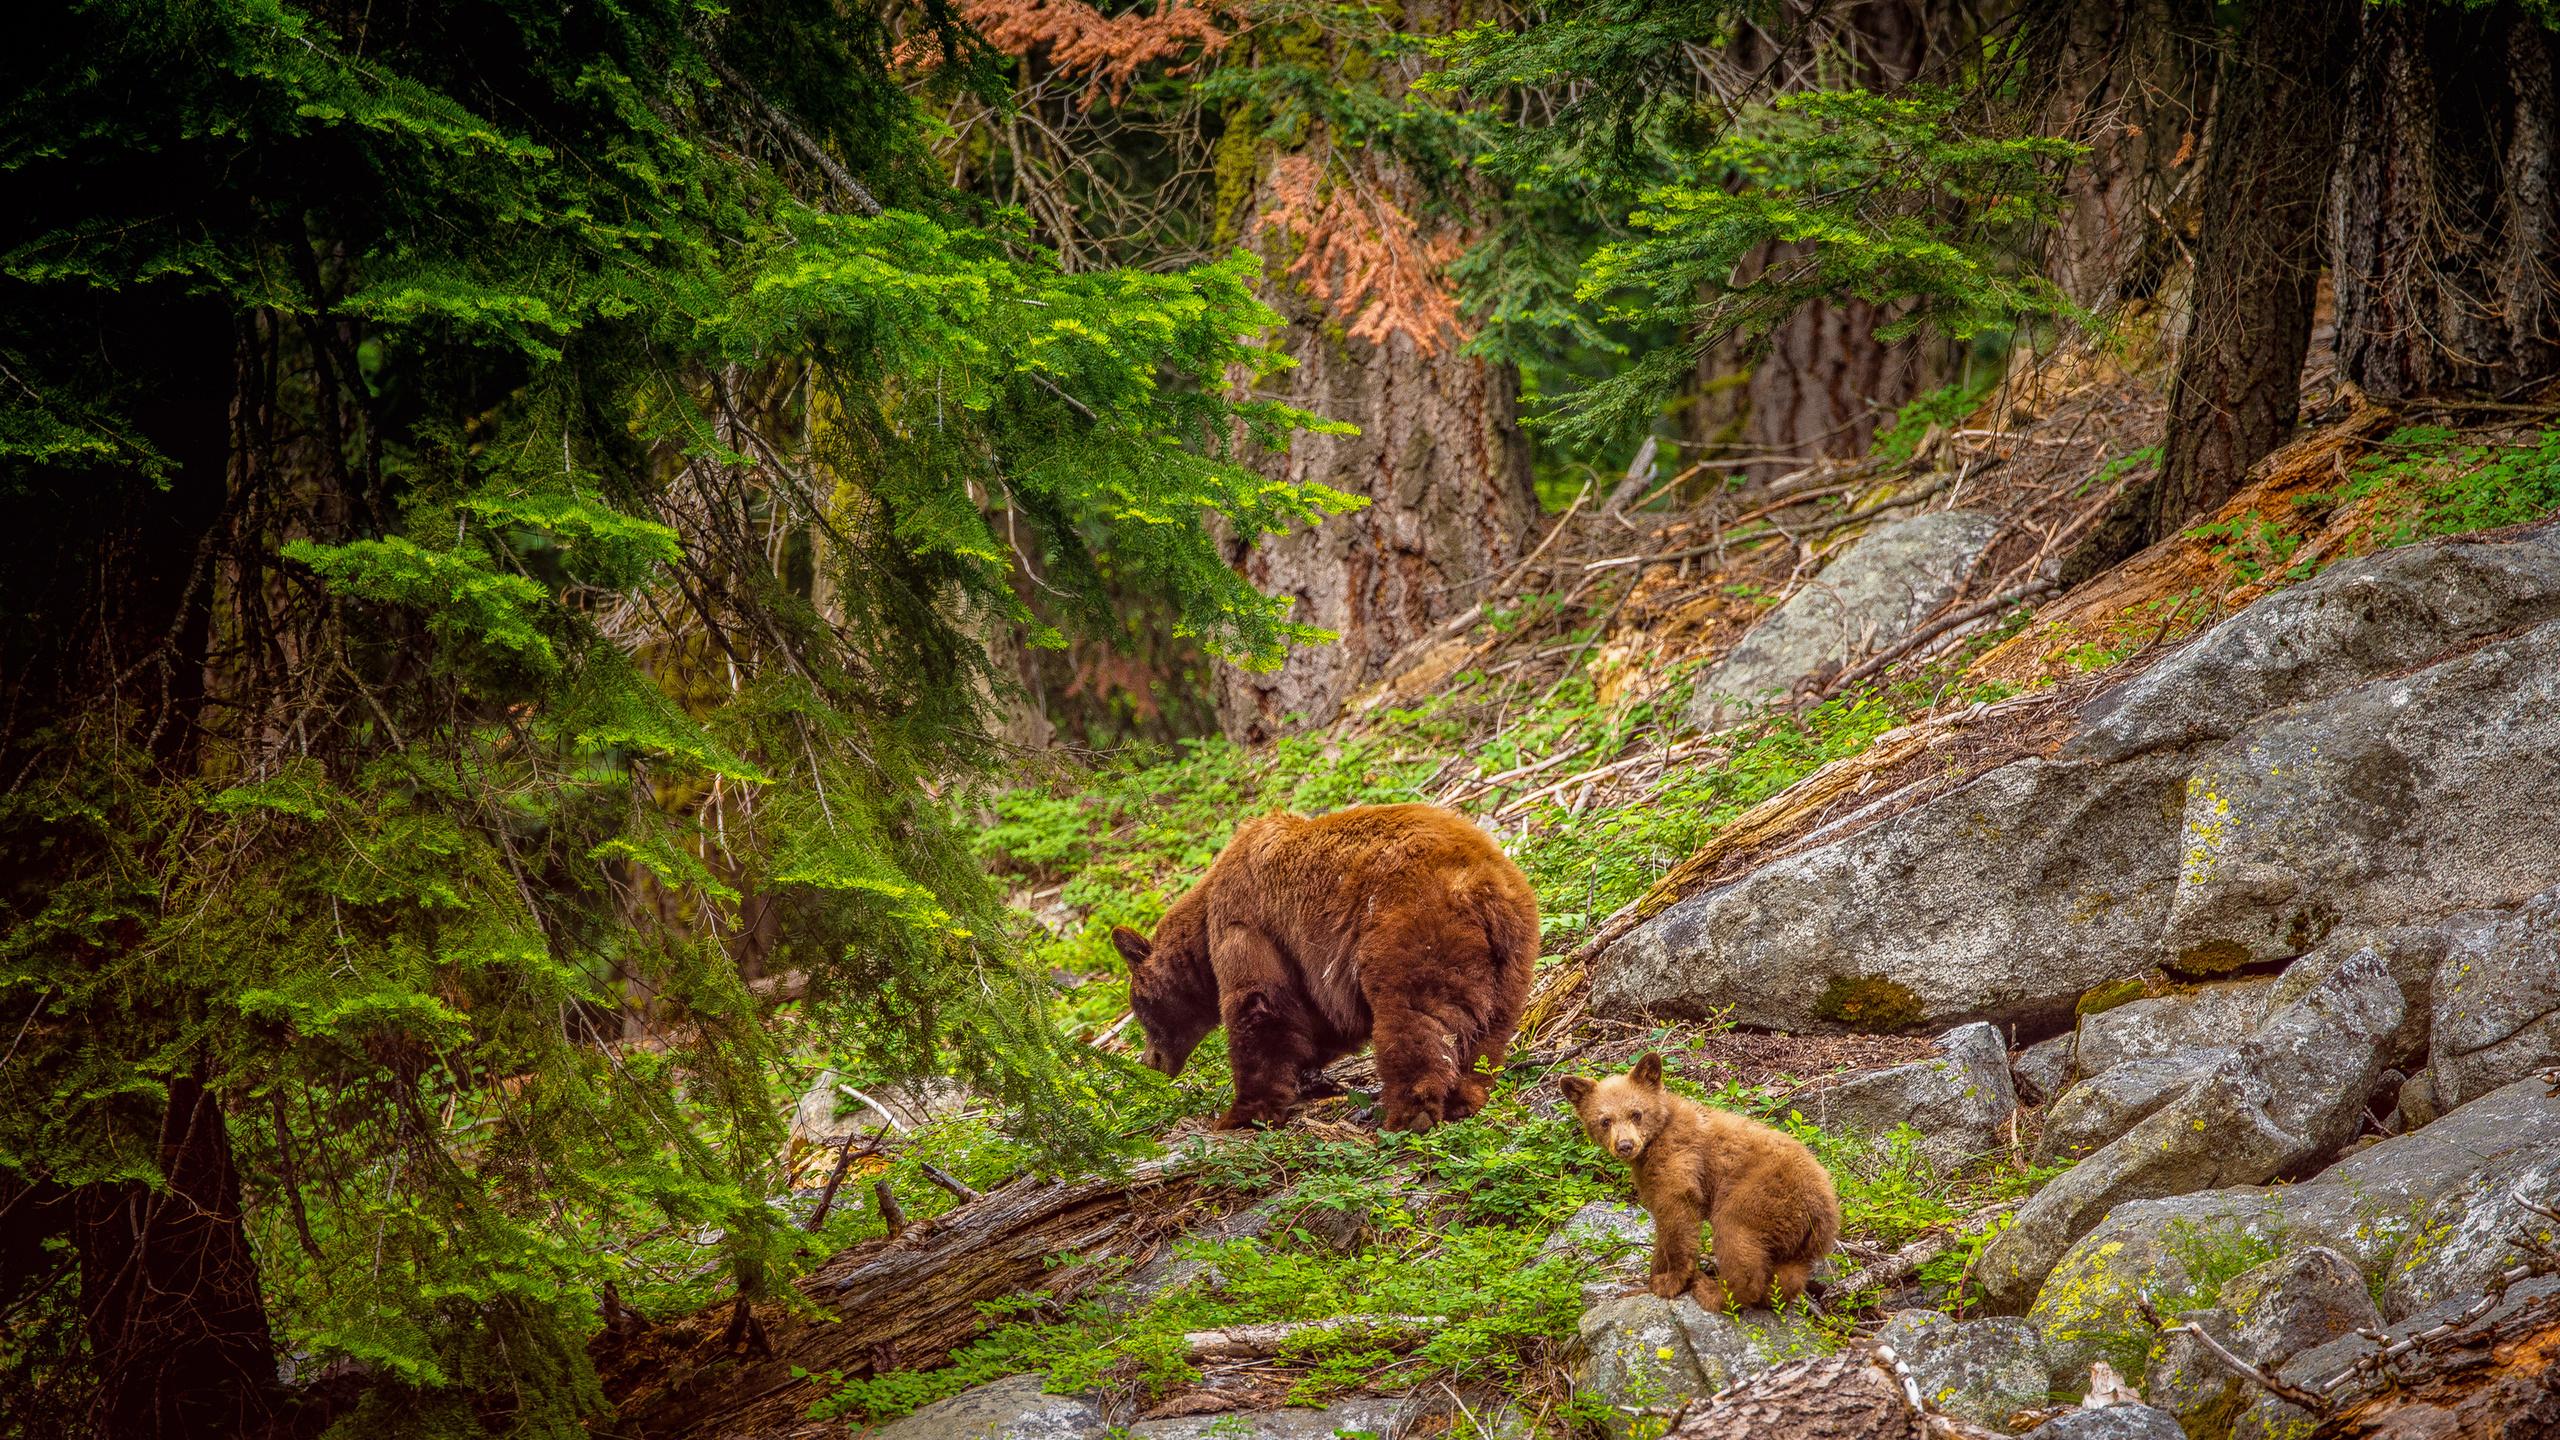 архитектуре руки, картинки на телефон медведи в лесу ласковидный